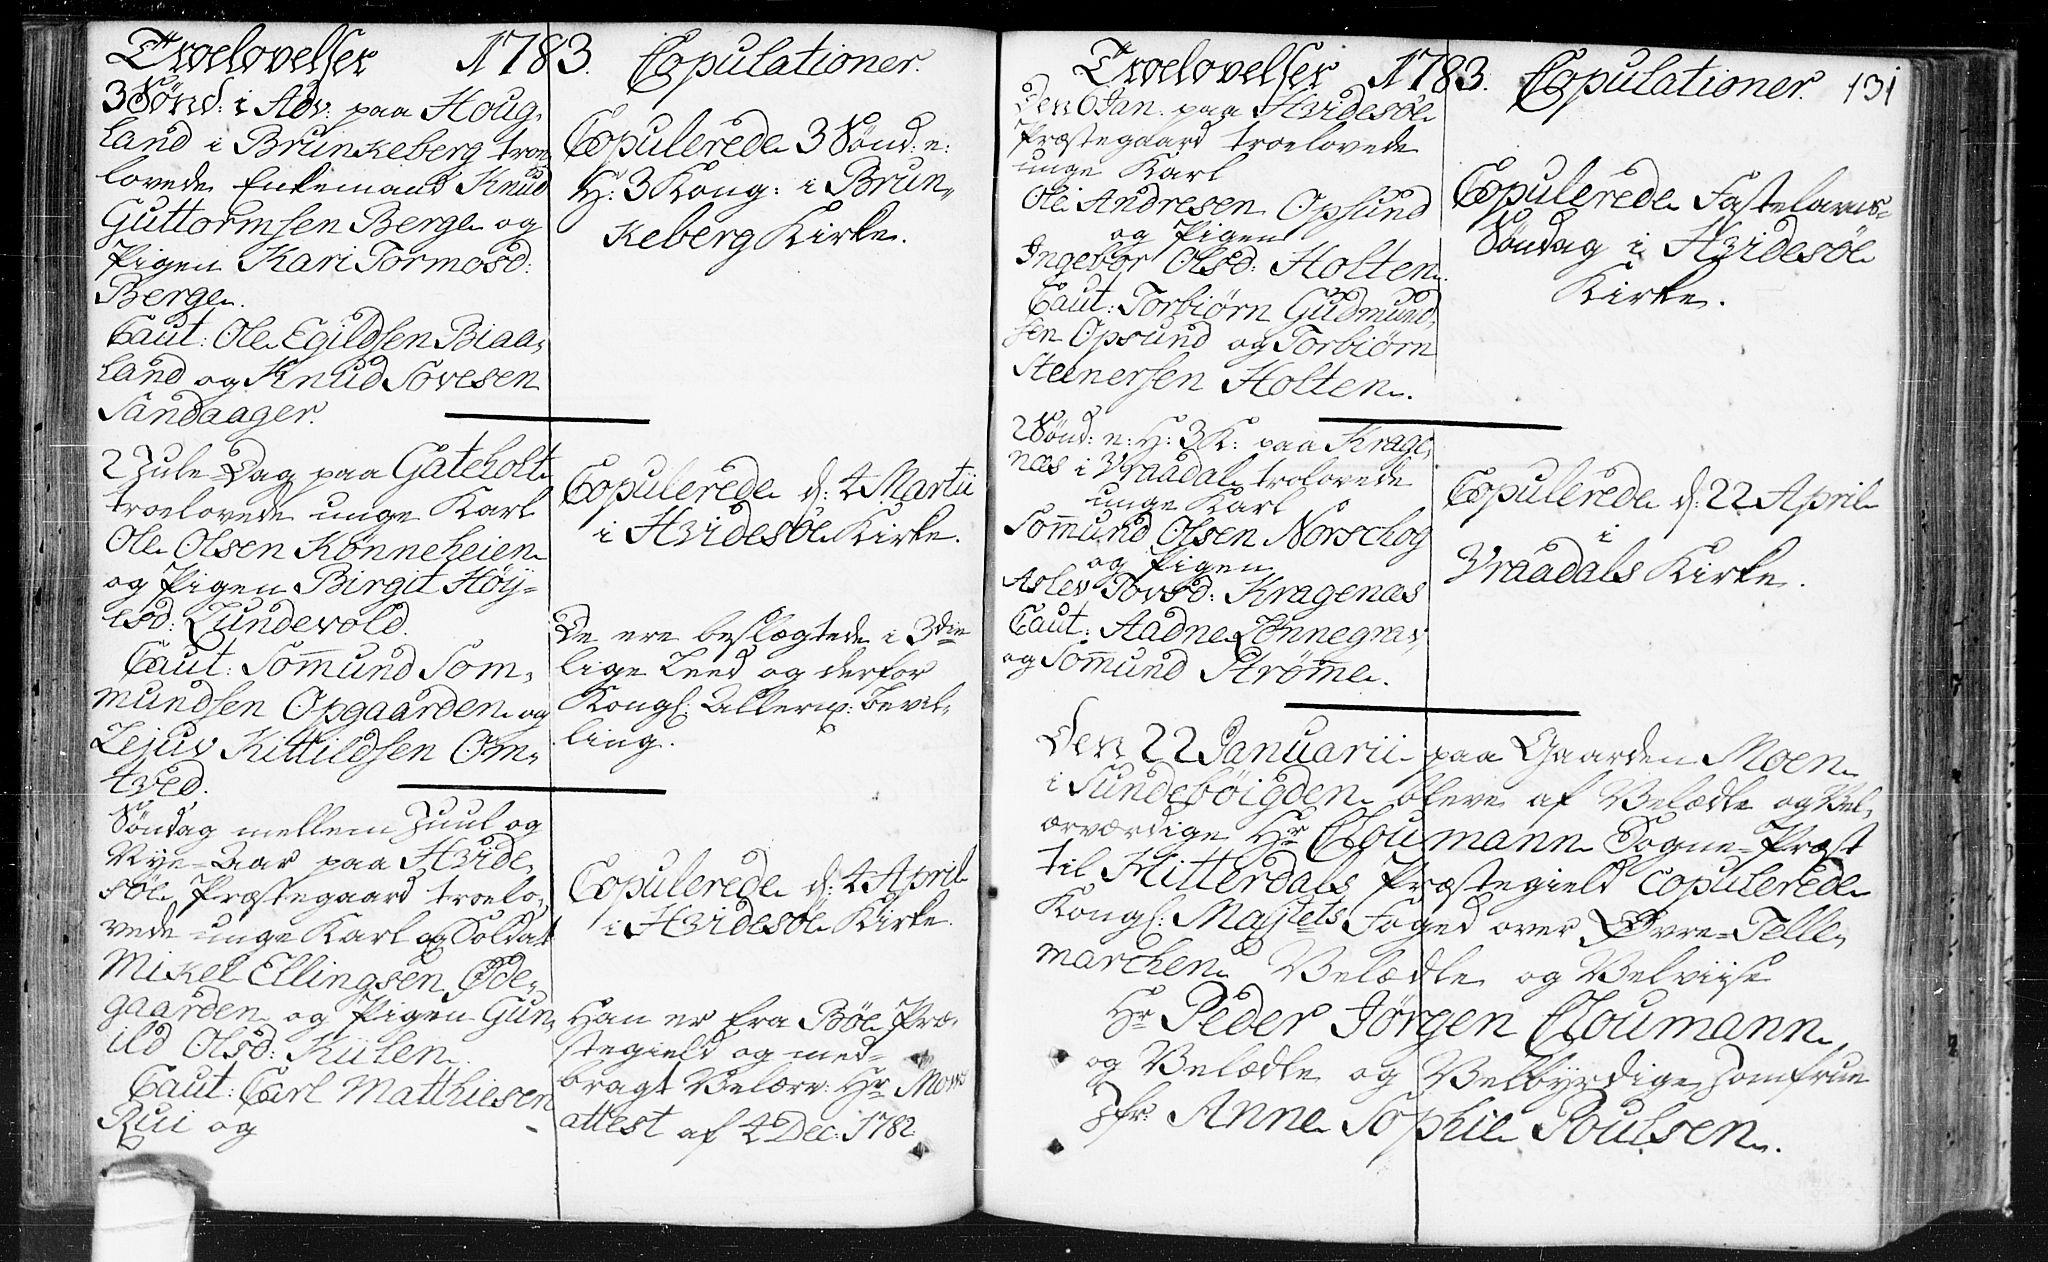 SAKO, Kviteseid kirkebøker, F/Fa/L0002: Ministerialbok nr. I 2, 1773-1786, s. 131